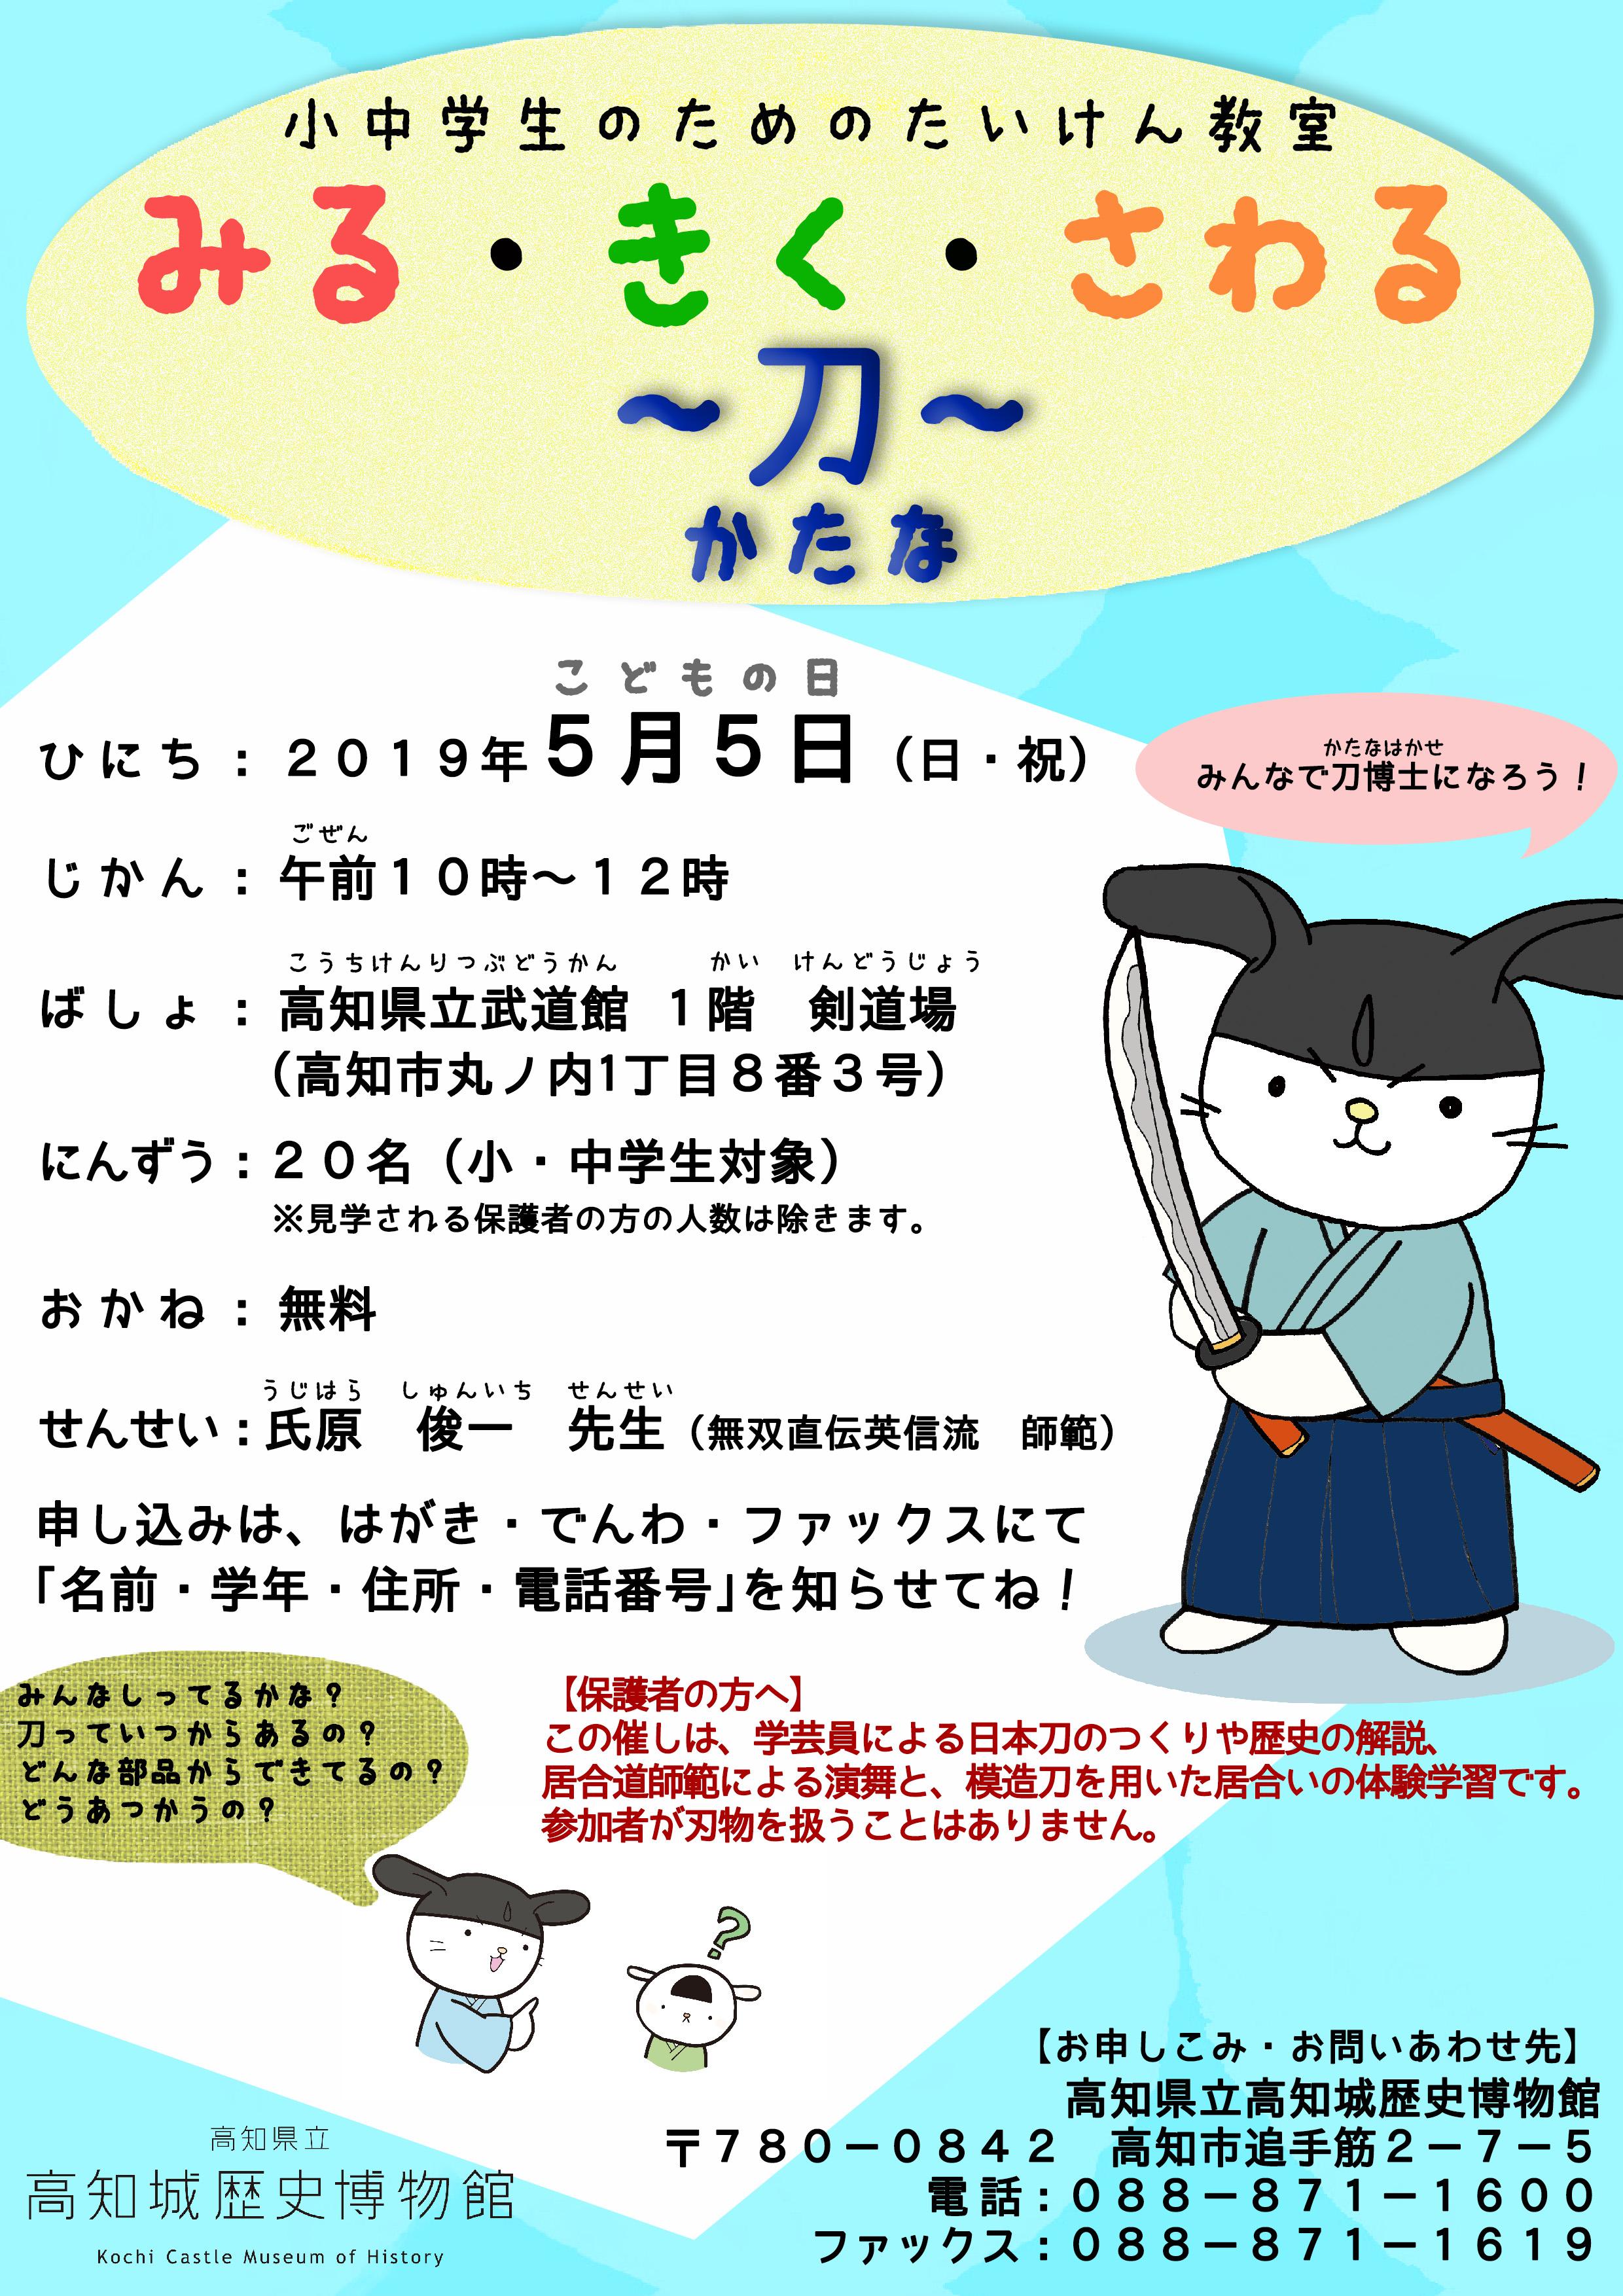 小中学生のためのたいけん教室 みる・きく・さわる~刀~